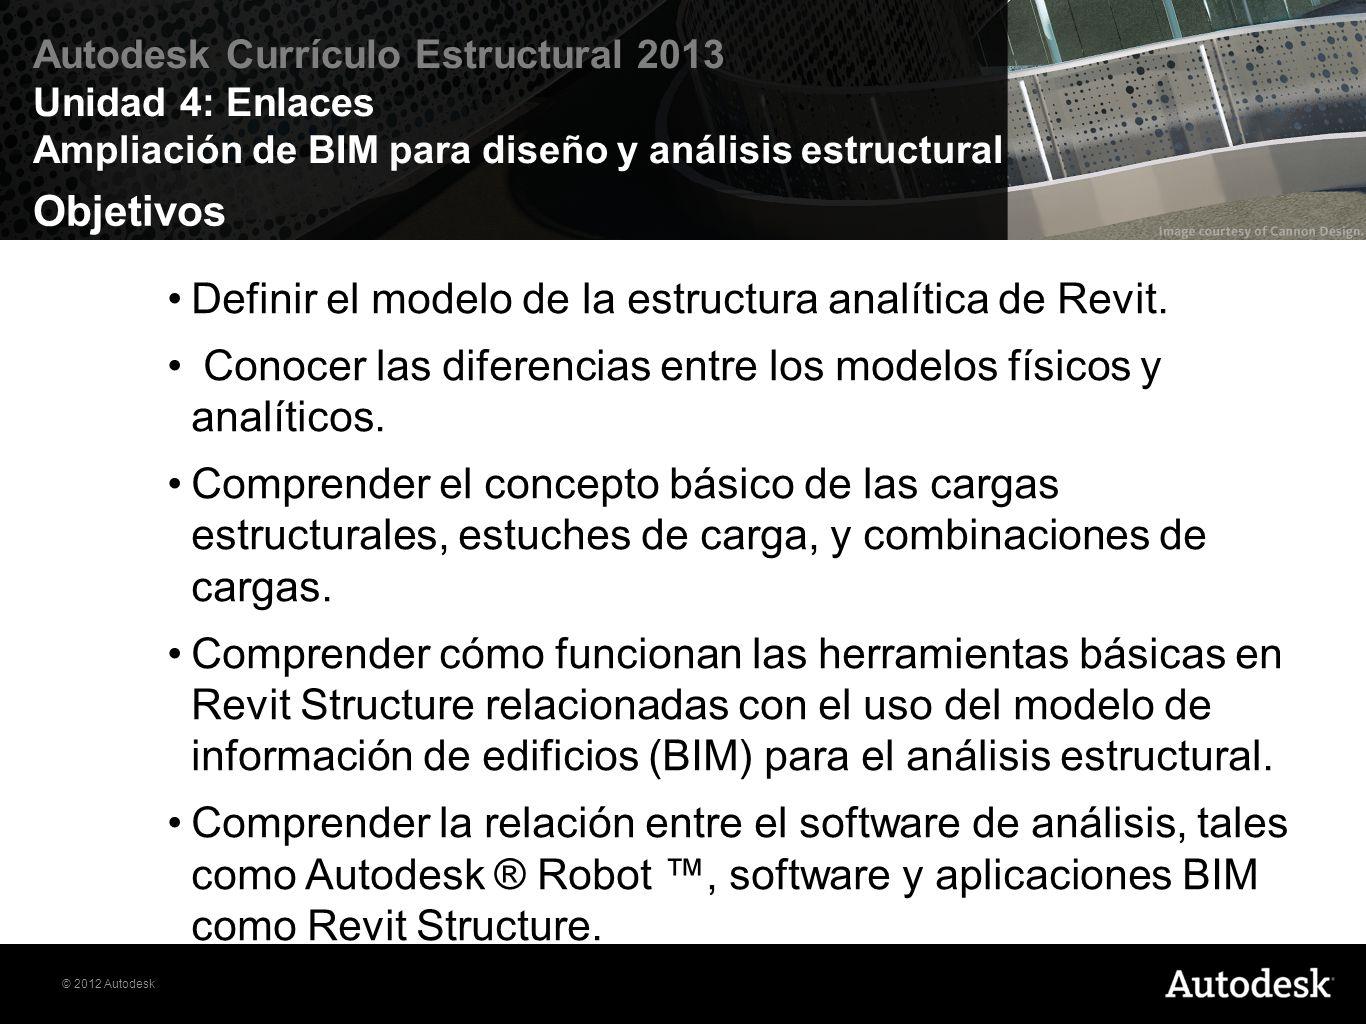 © 2012 Autodesk Autodesk Currículo Estructural 2013 Unidad 4: Enlaces Ampliación de BIM para diseño y análisis estructural Ejercicio Ejercicio 4.1: Diseño de viga mixta Ejercicio 4.2: Cargas en Takedown Ejercicio 4.3: El análisis estático de las losas Ejercicio 4.4: Análisis estático de vigas Ejercicio 4.5: Enlace de Revit a Robot